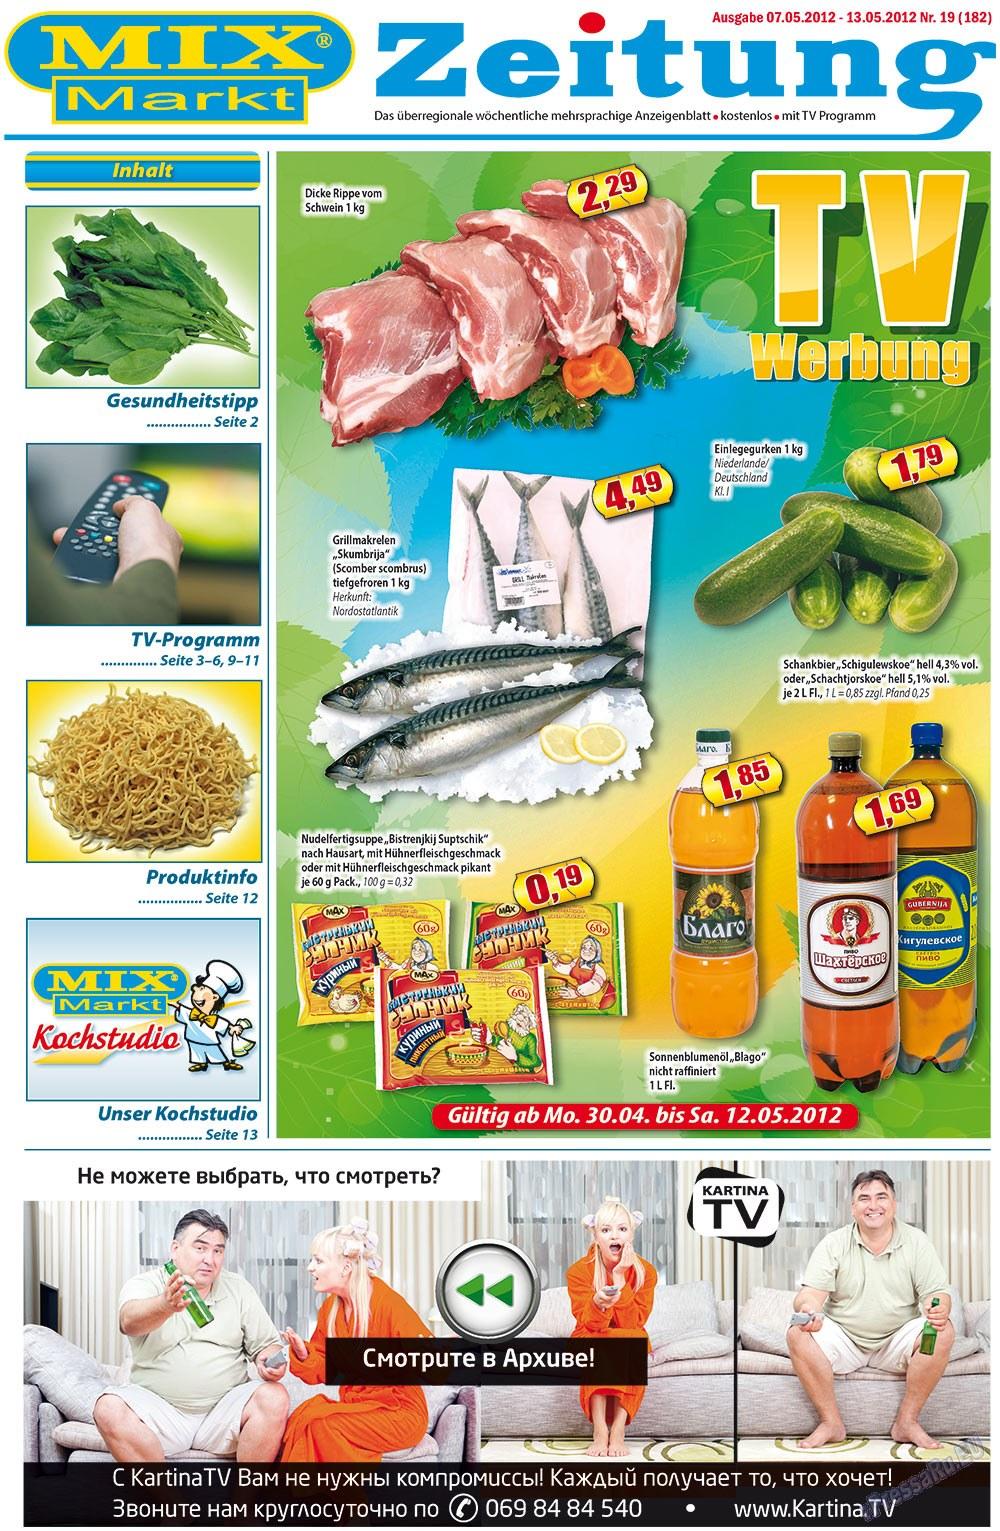 MIX-Markt Zeitung (газета). 2012 год, номер 19, стр. 1